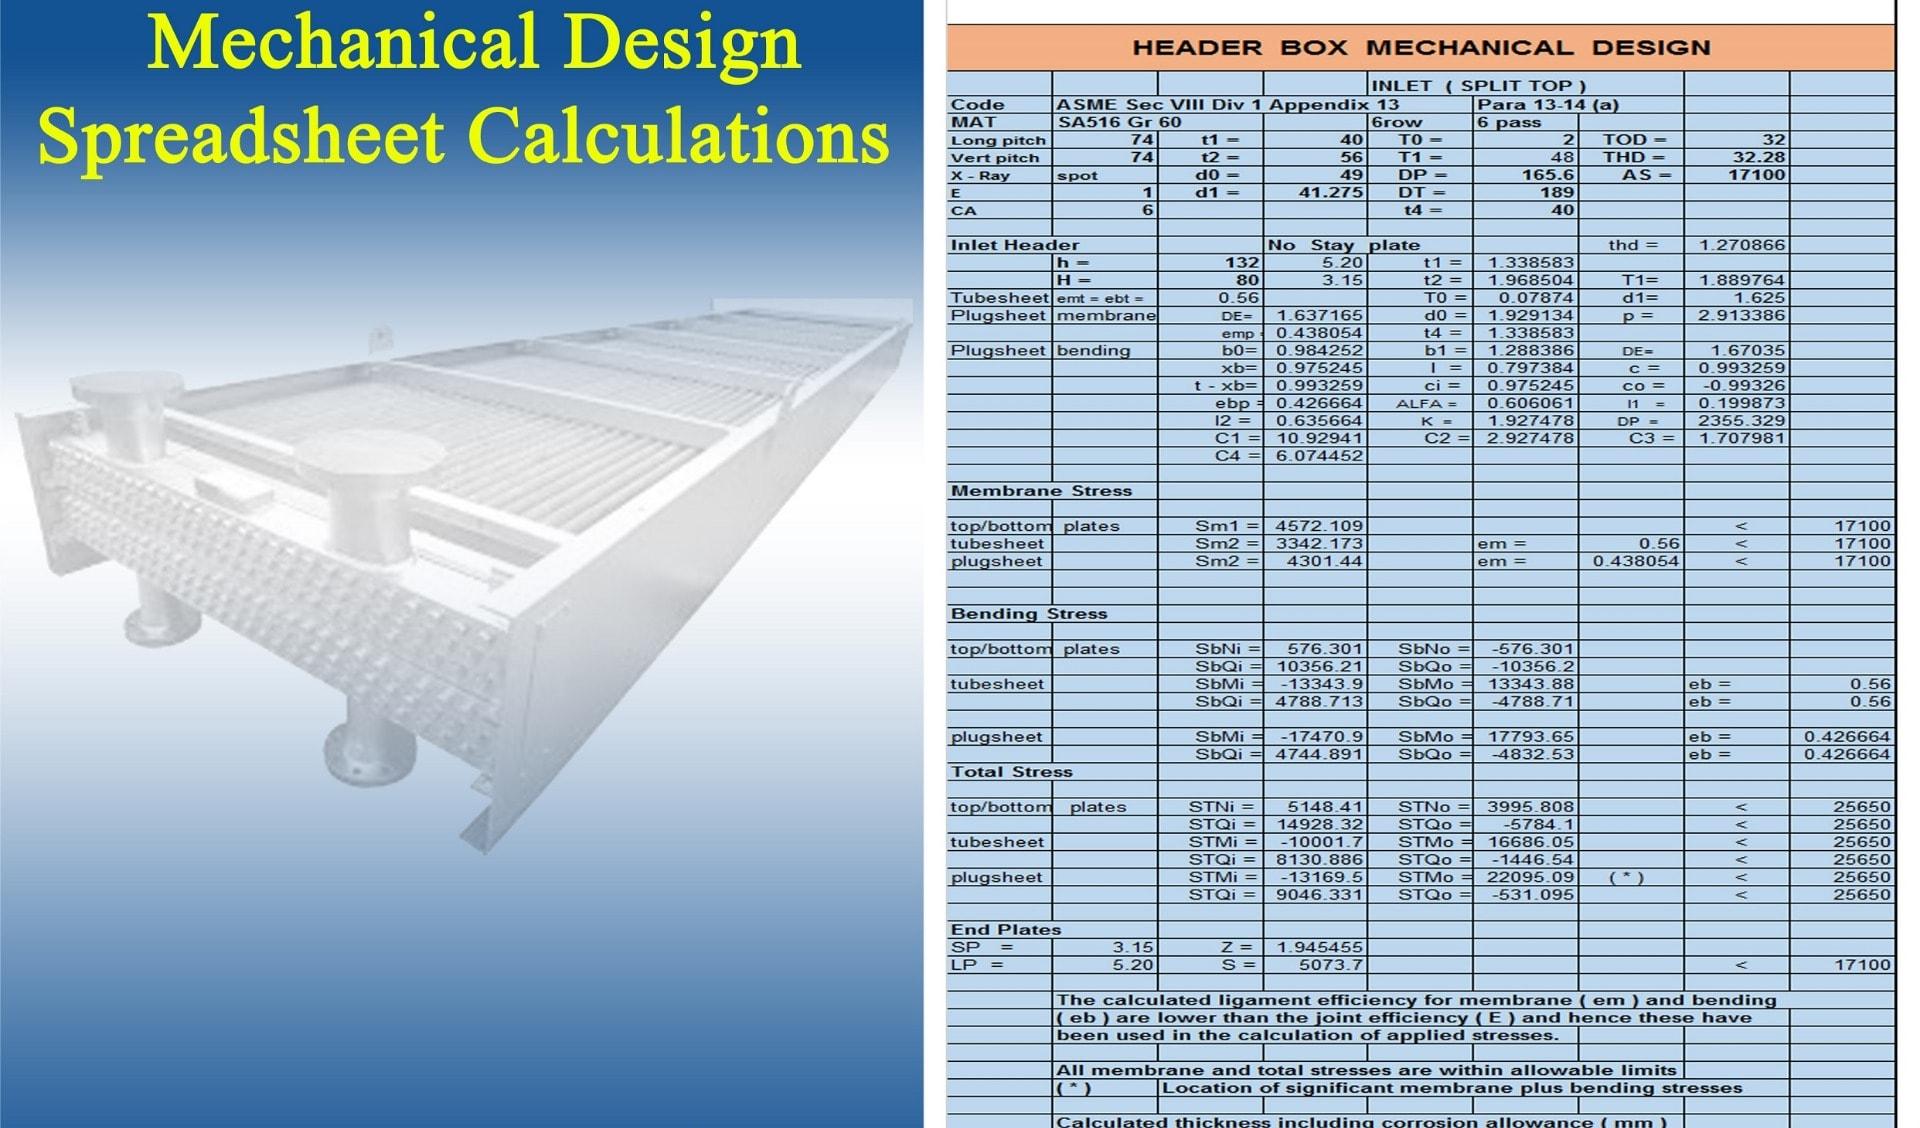 Header Box Mechanical Design, mechanical design calculation